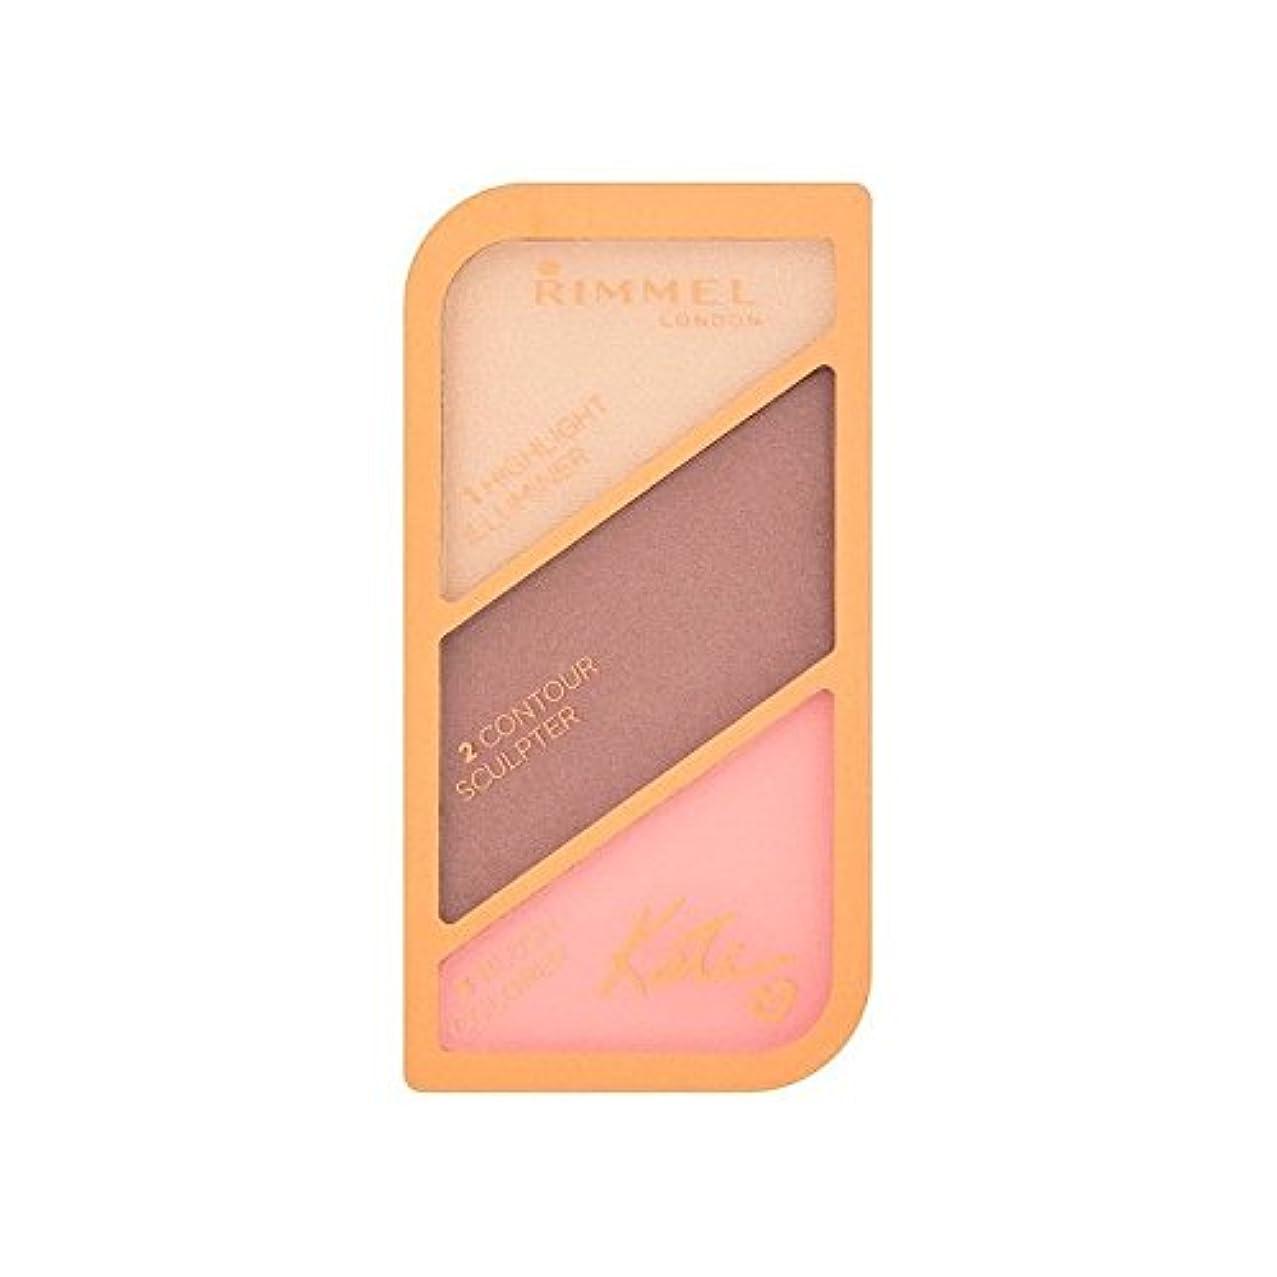 示す入射ペインリンメルケイト?モスの彫刻パレット黄金のブロンズ003 x4 - Rimmel Kate Moss Sculpting Palette Golden Bronze 003 (Pack of 4) [並行輸入品]